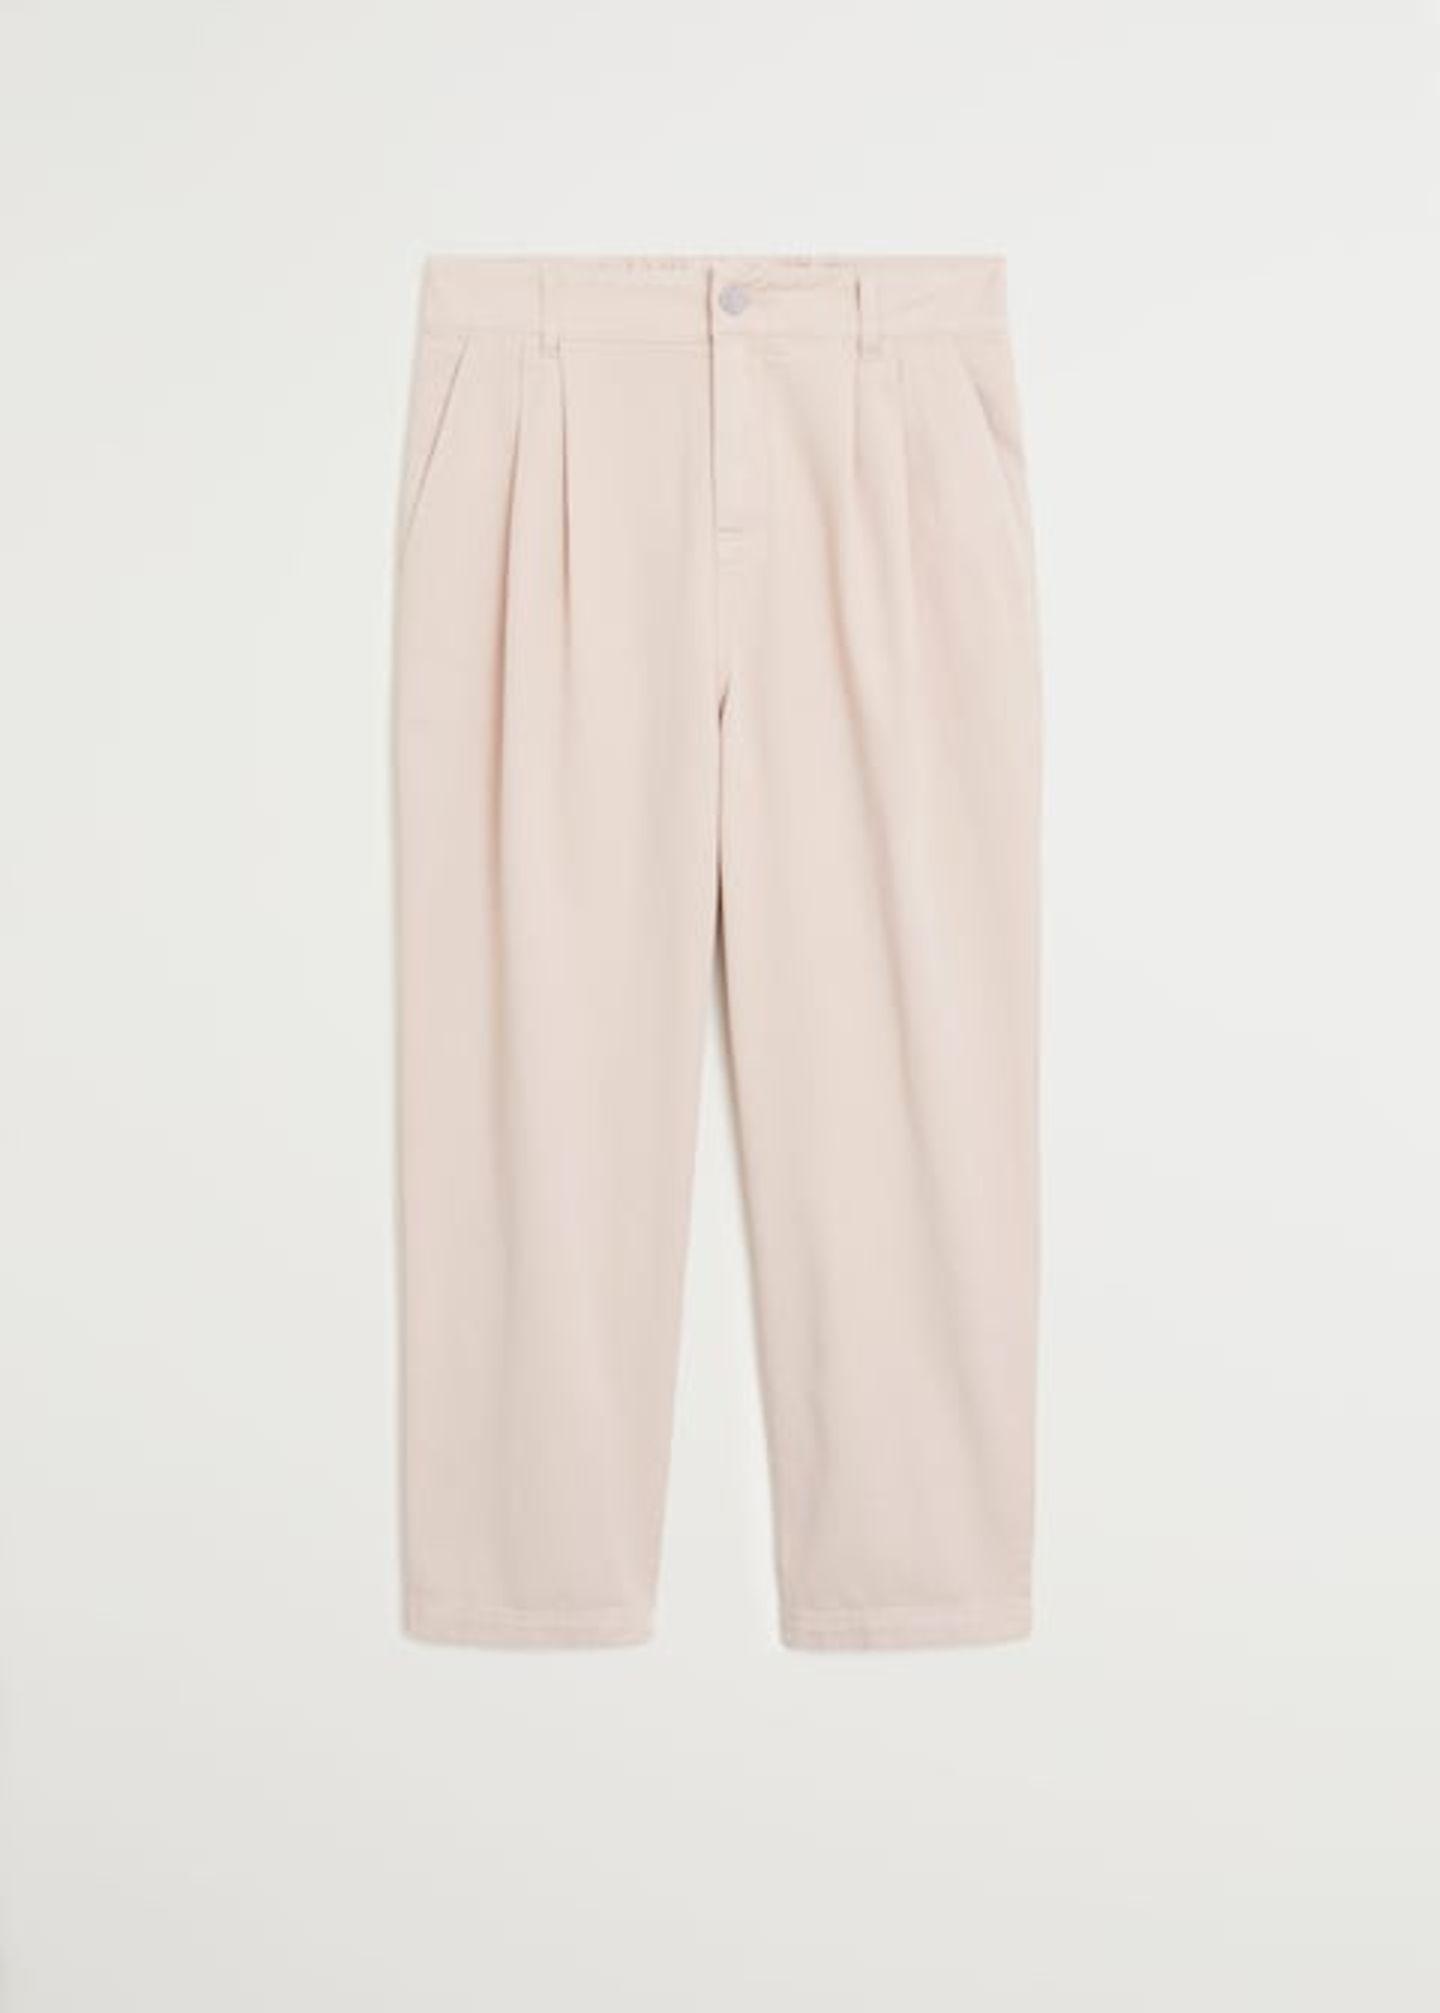 Wie Zuckerwatte kommt diese puderfarbene Hose daher – und genau so süß wie die Farbe ist auch der Schnitt. Die Hose ist jedenfallsdie perfekte Alternative zu Kleid oder Rock. Von Mango, reduziert auf 30 Euro.